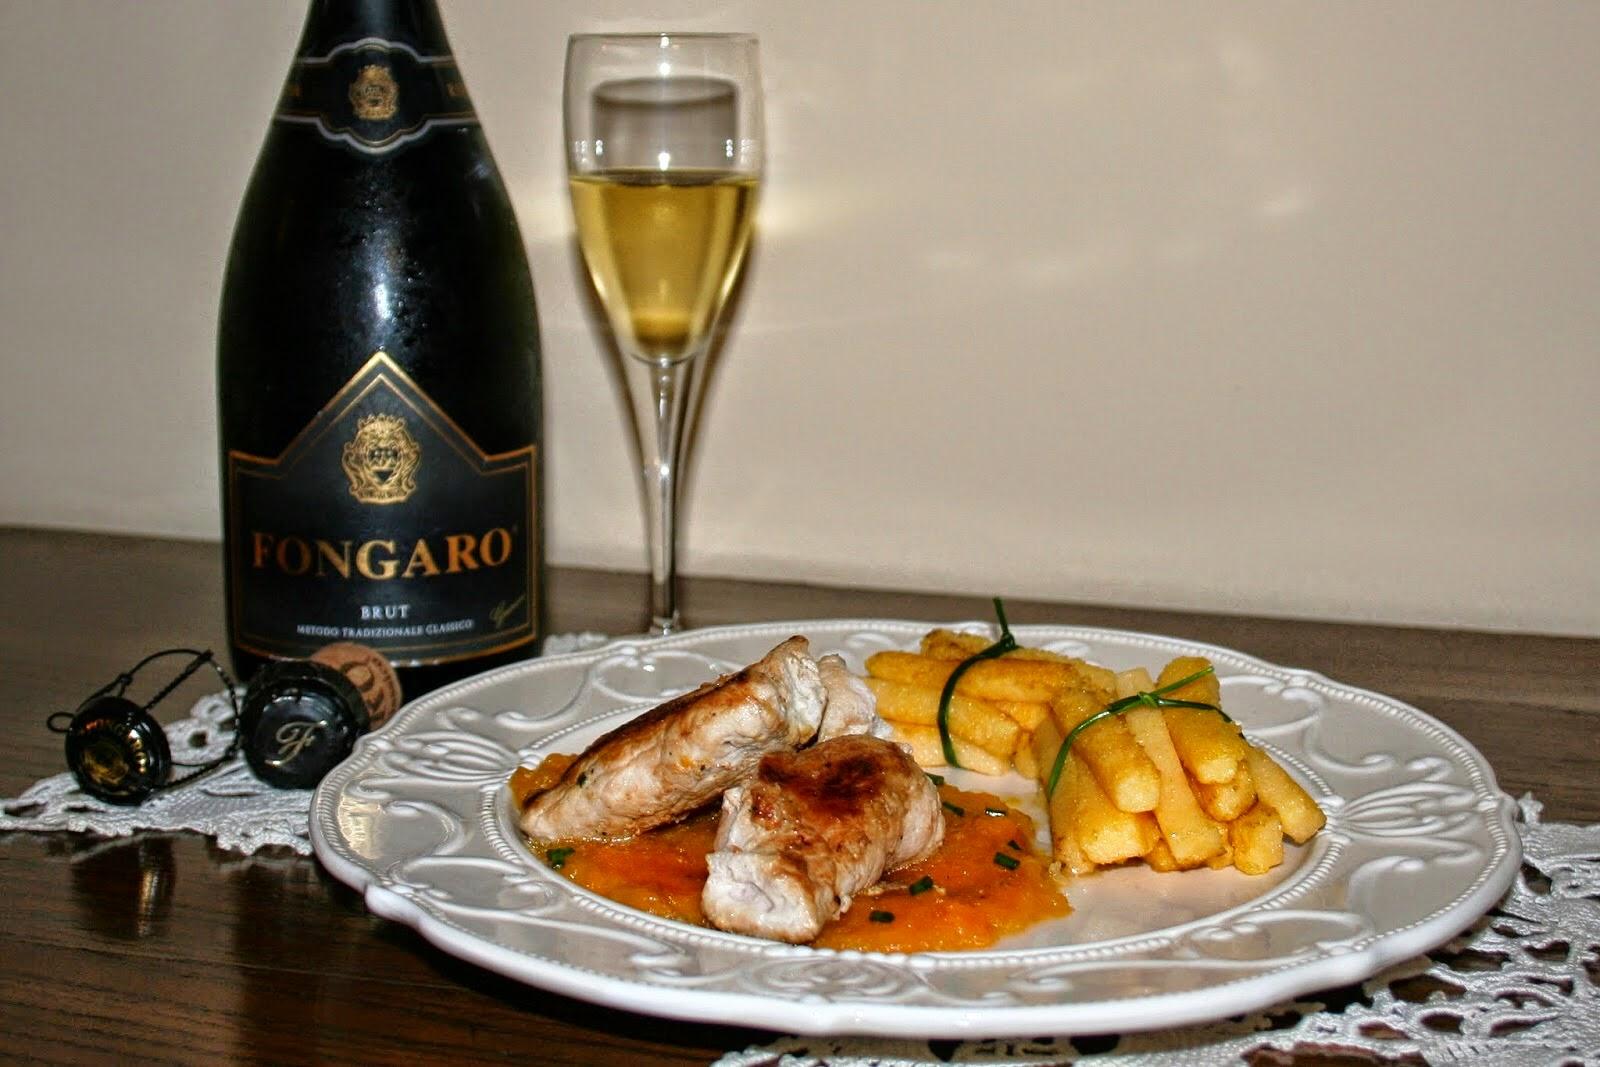 Con questa ricetta partecipo al 1° CONTEST FONGARO SPUMANTI